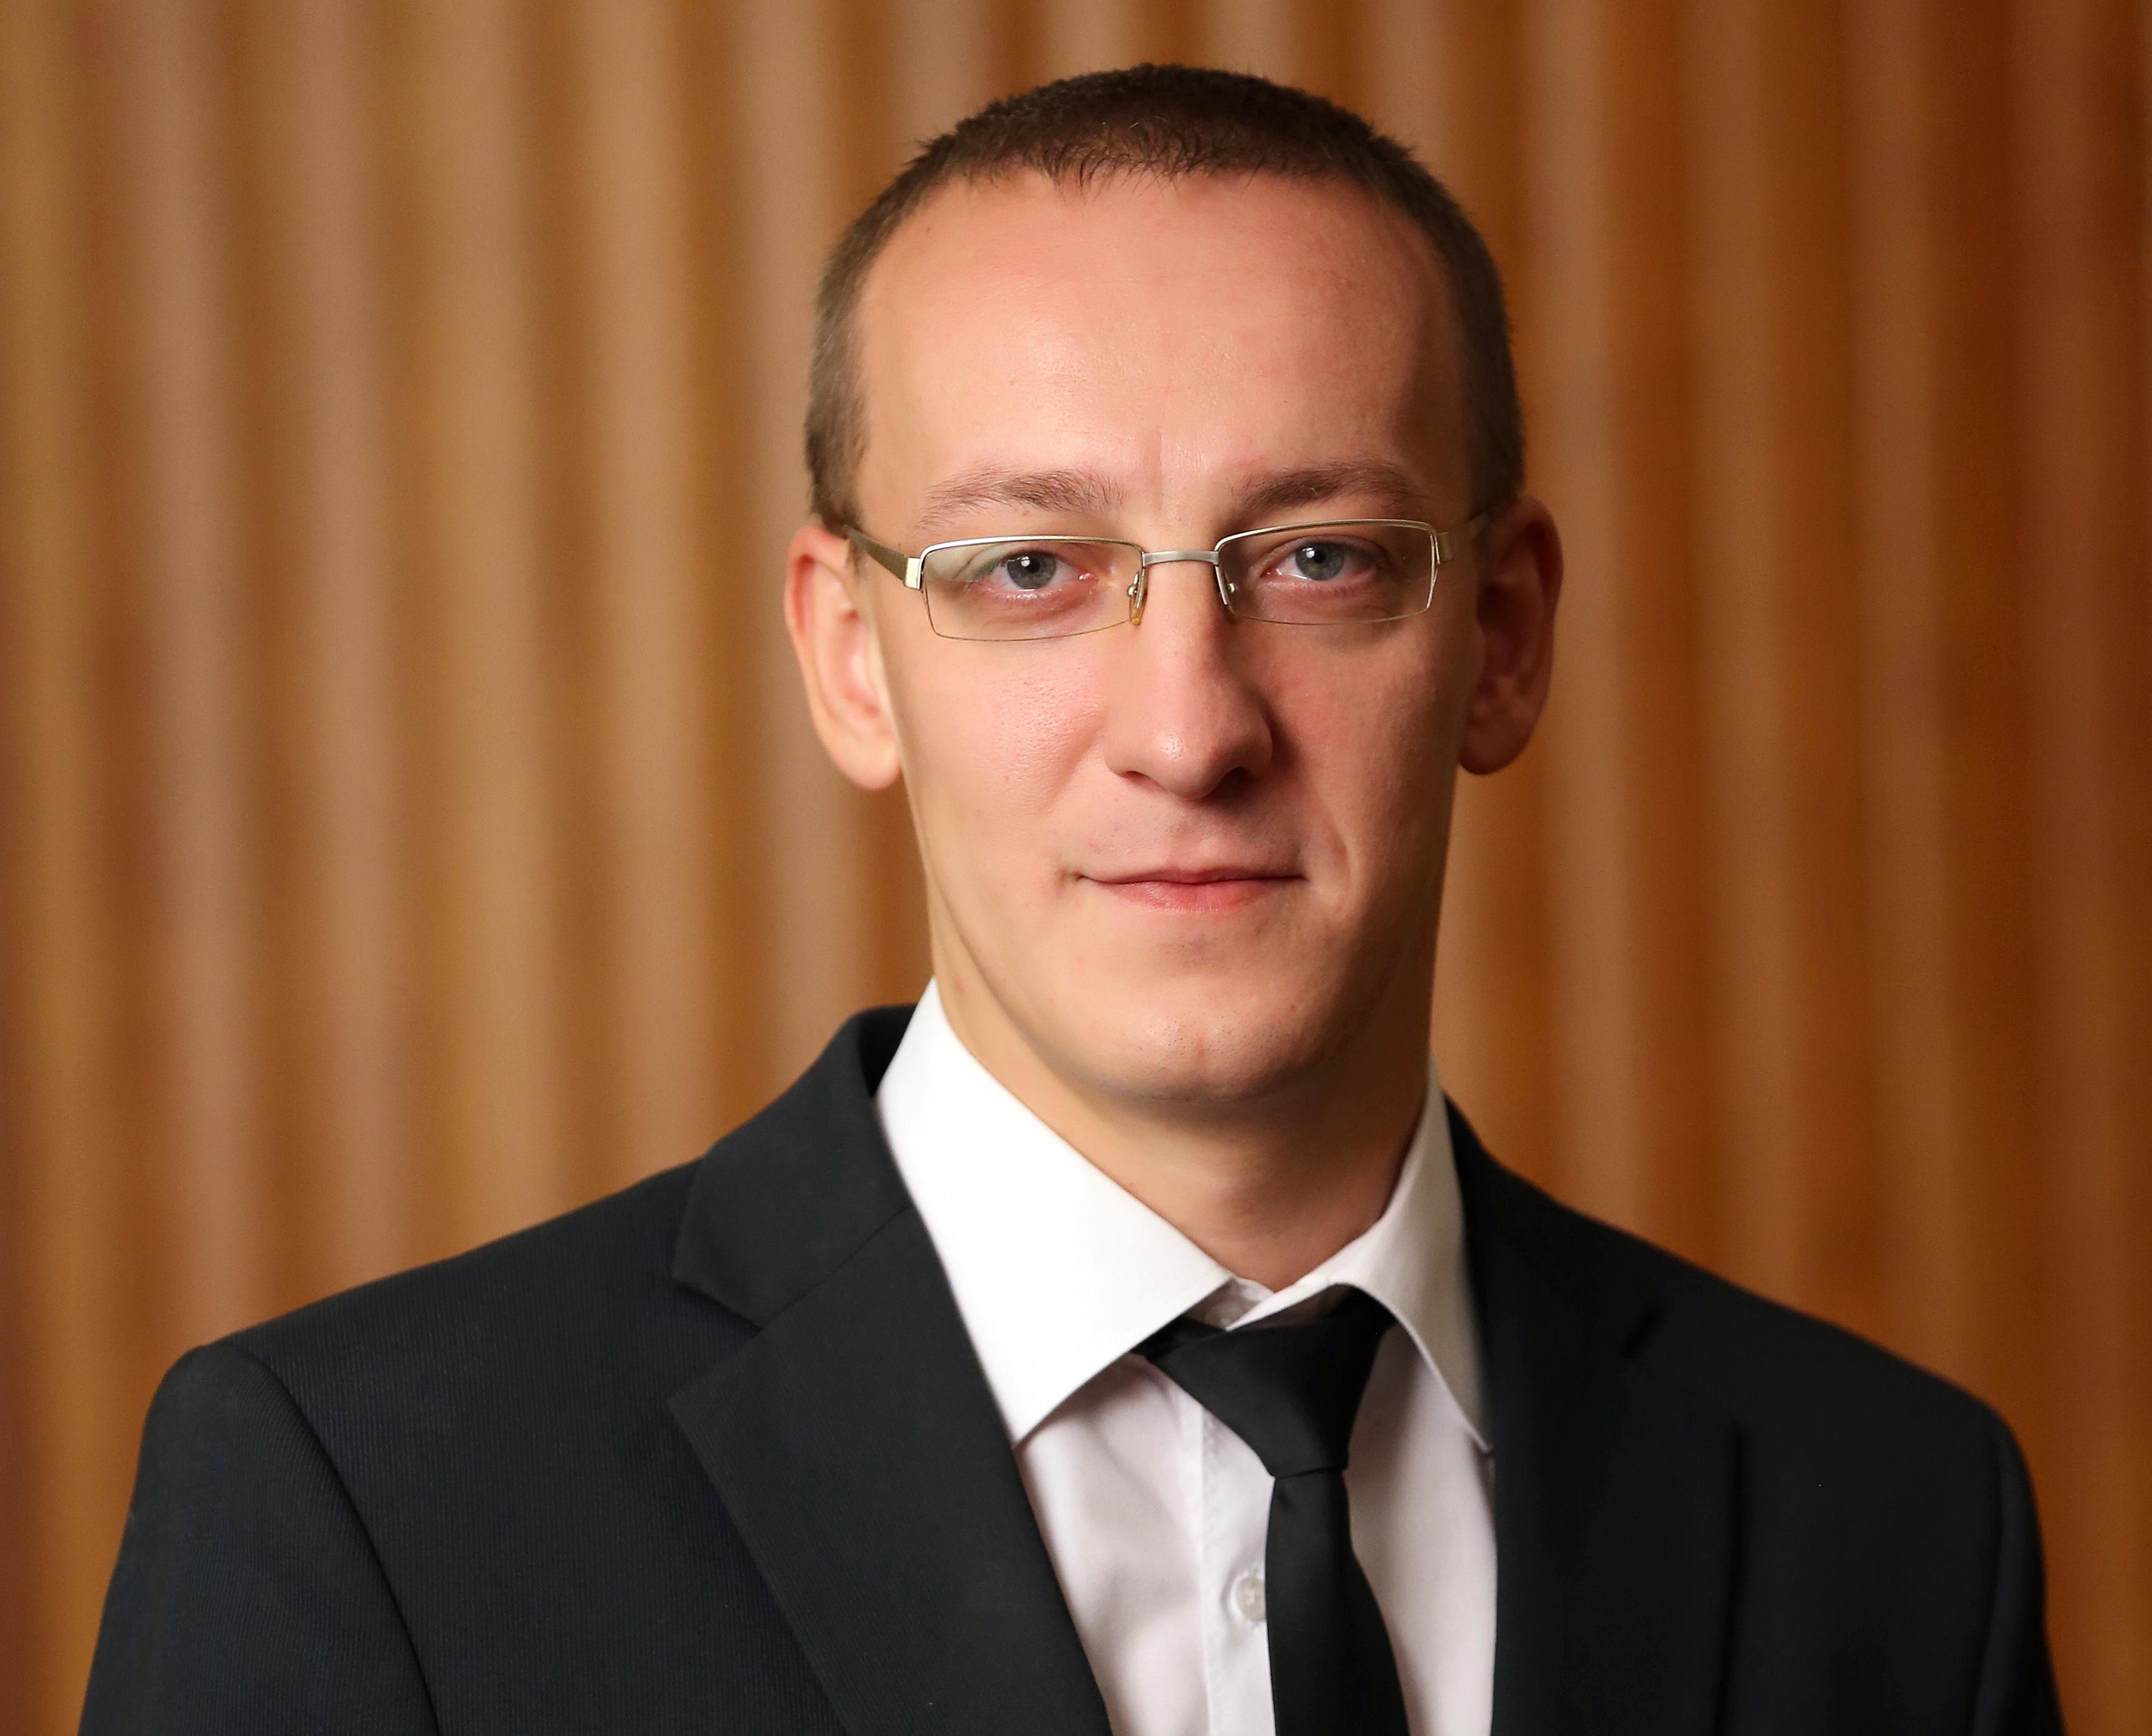 Мишустин сменил замглавы ФНС   Вестник Кавказа